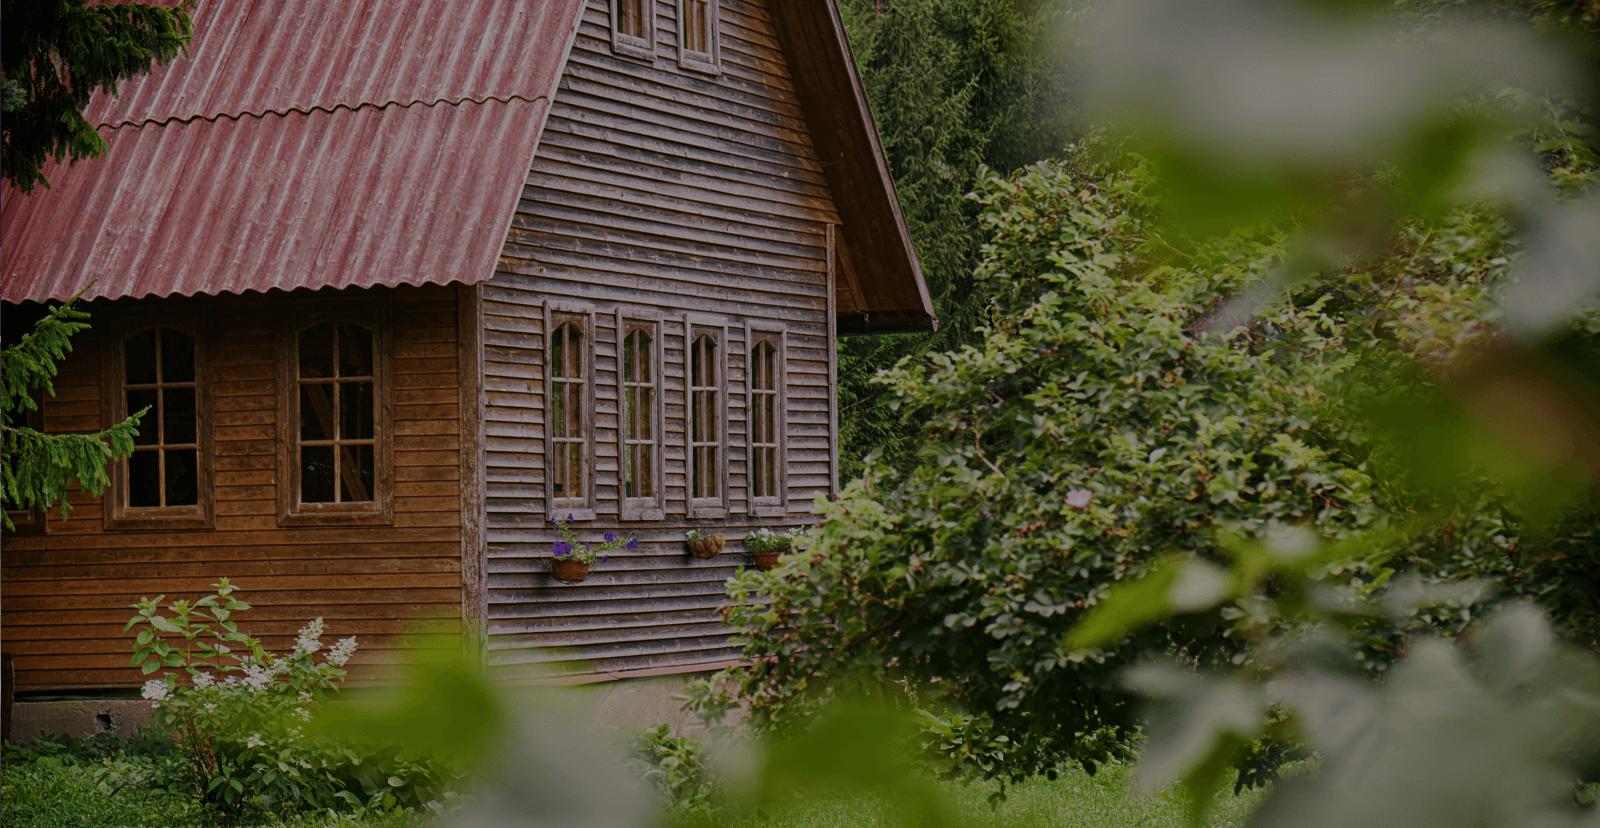 Через сервис JСat.ru вы можете размещать объявления об аренде дома на всех сайтах сразу!